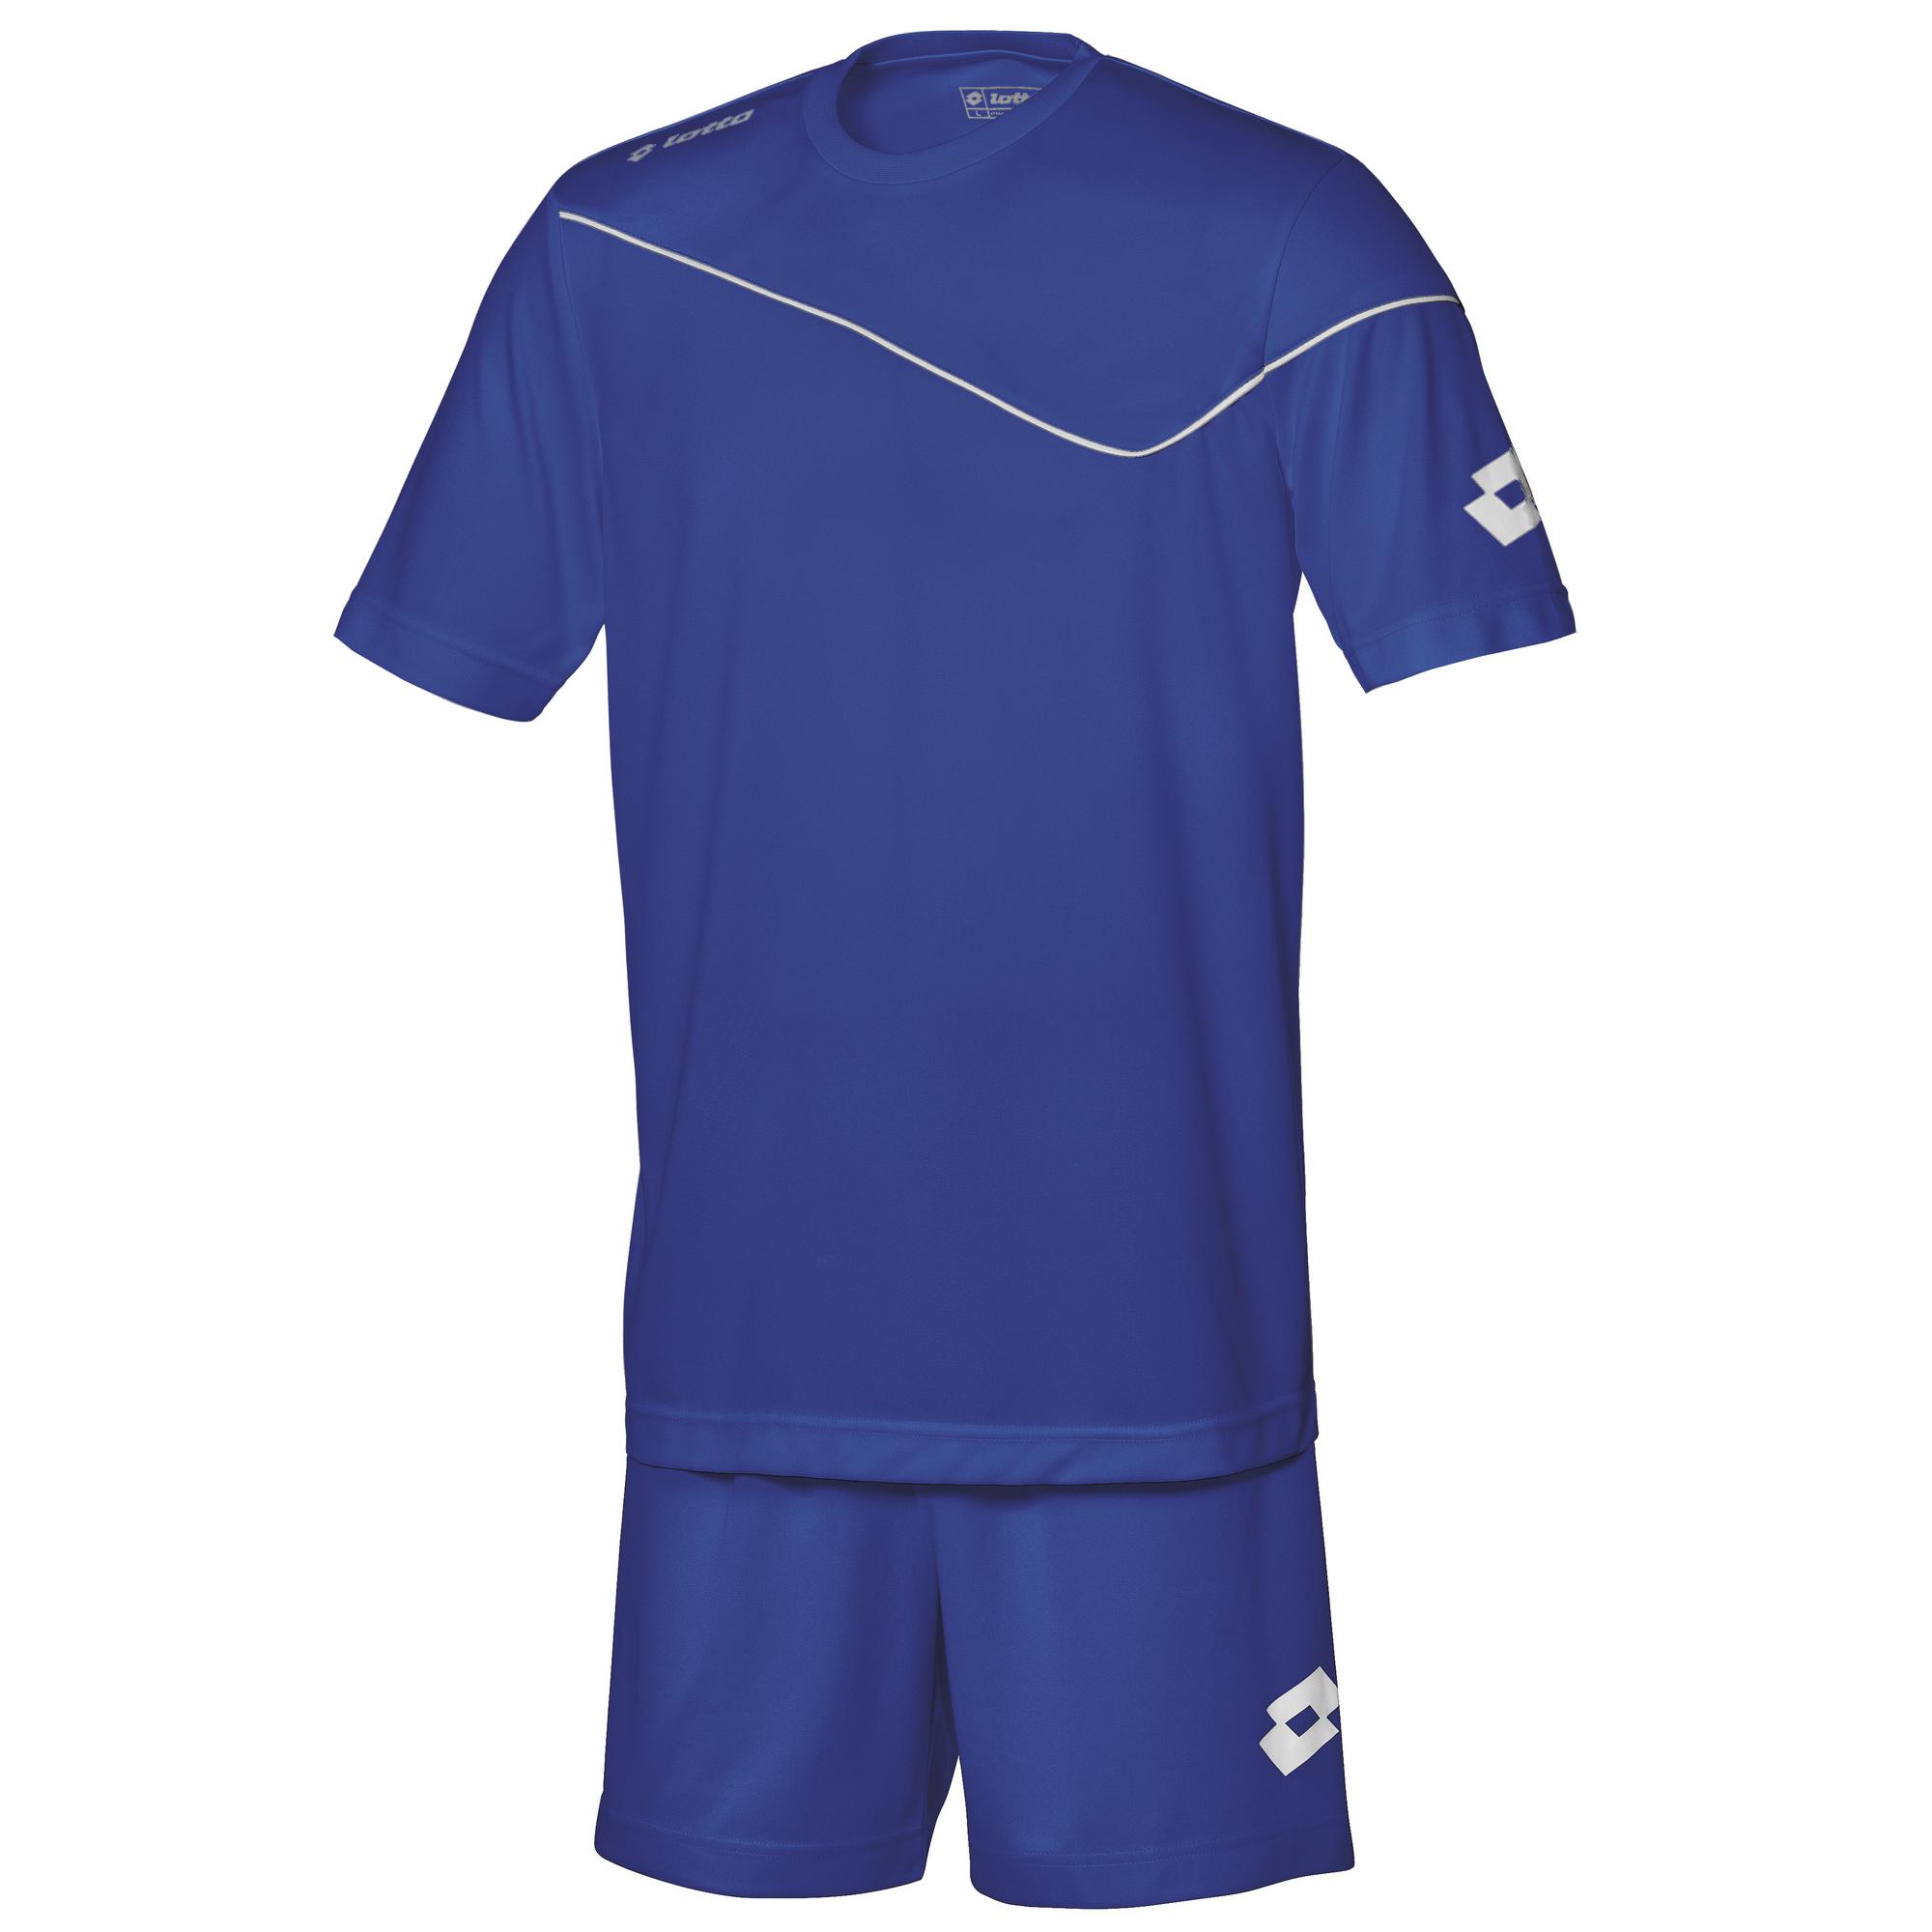 7804247ec4fa Detalles de Lotto - Equipacíon/Conjuto camiseta de manga corta-pantalón de  futbol (RW820)